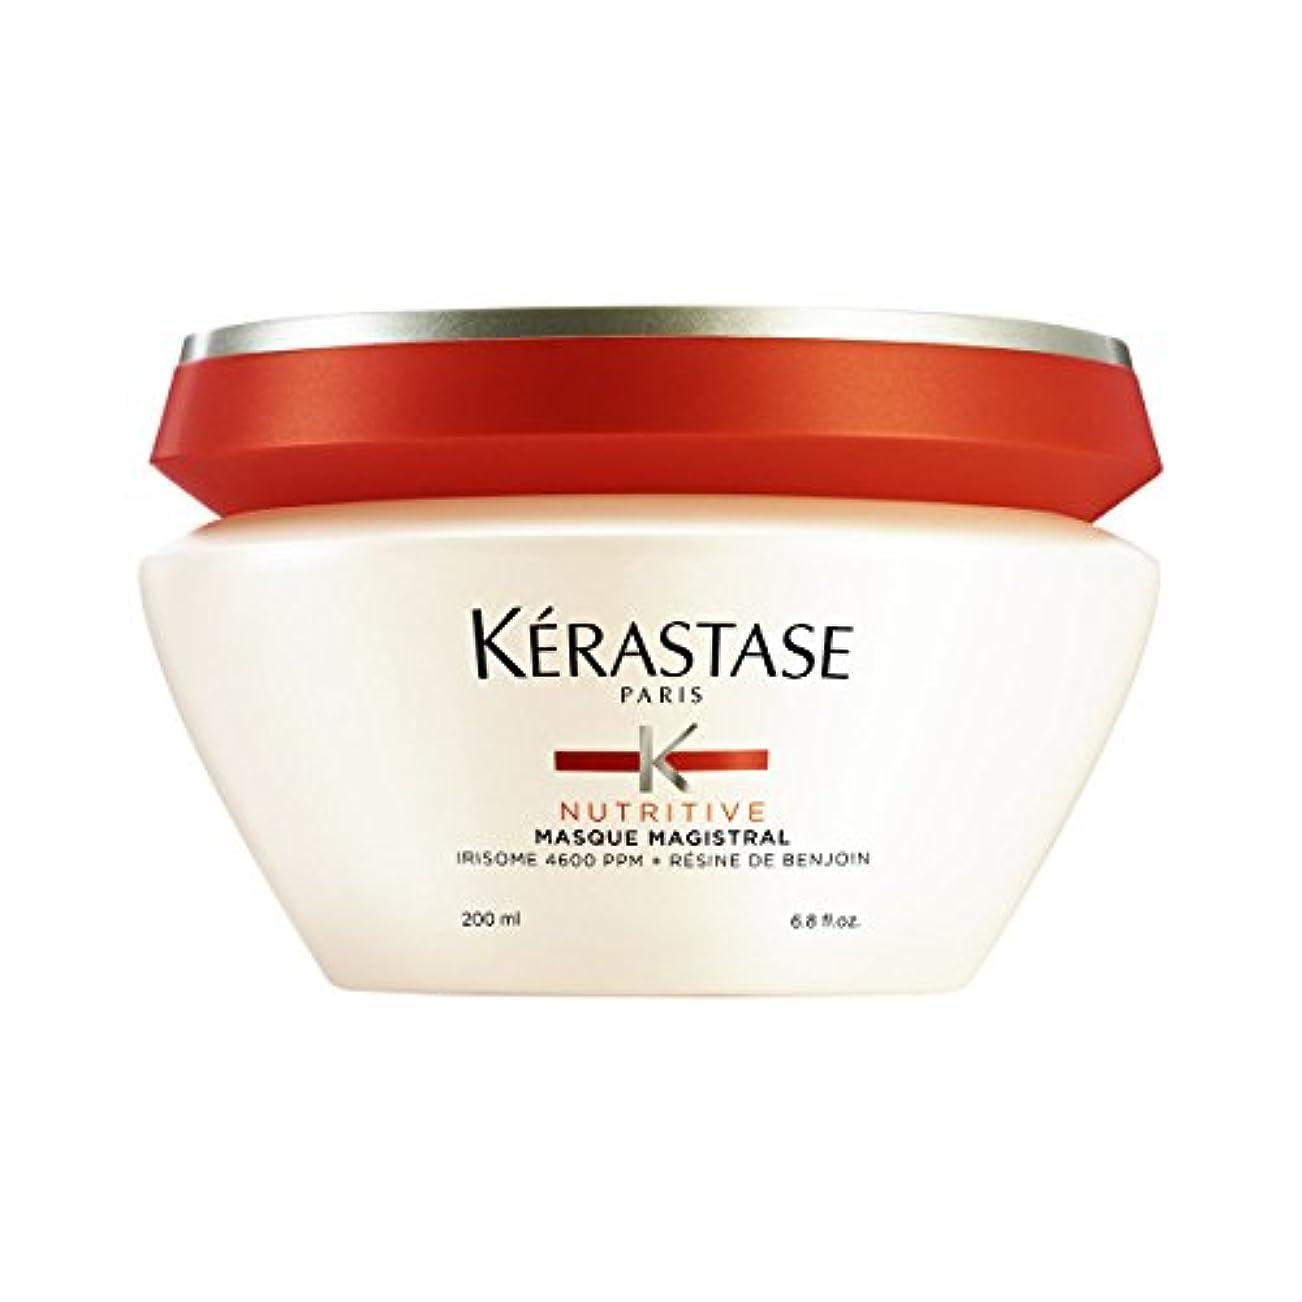 ジョセフバンクス階段改修するK駻astase Nutritive Masque Magistral Hair Mask 200ml [並行輸入品]